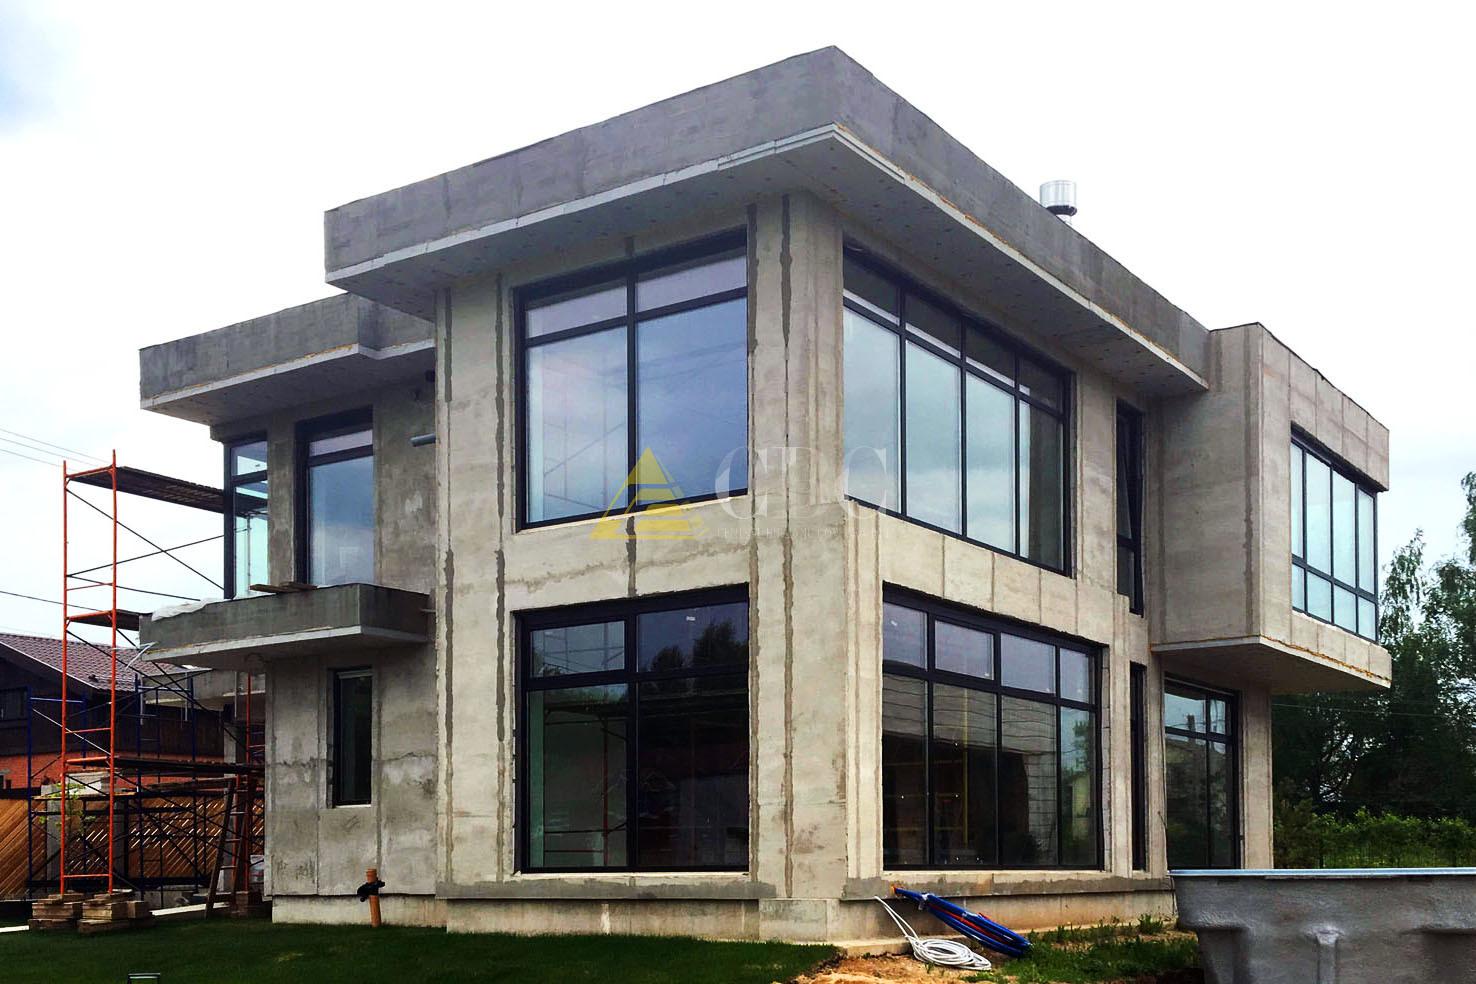 строительство домов из бетона в москве